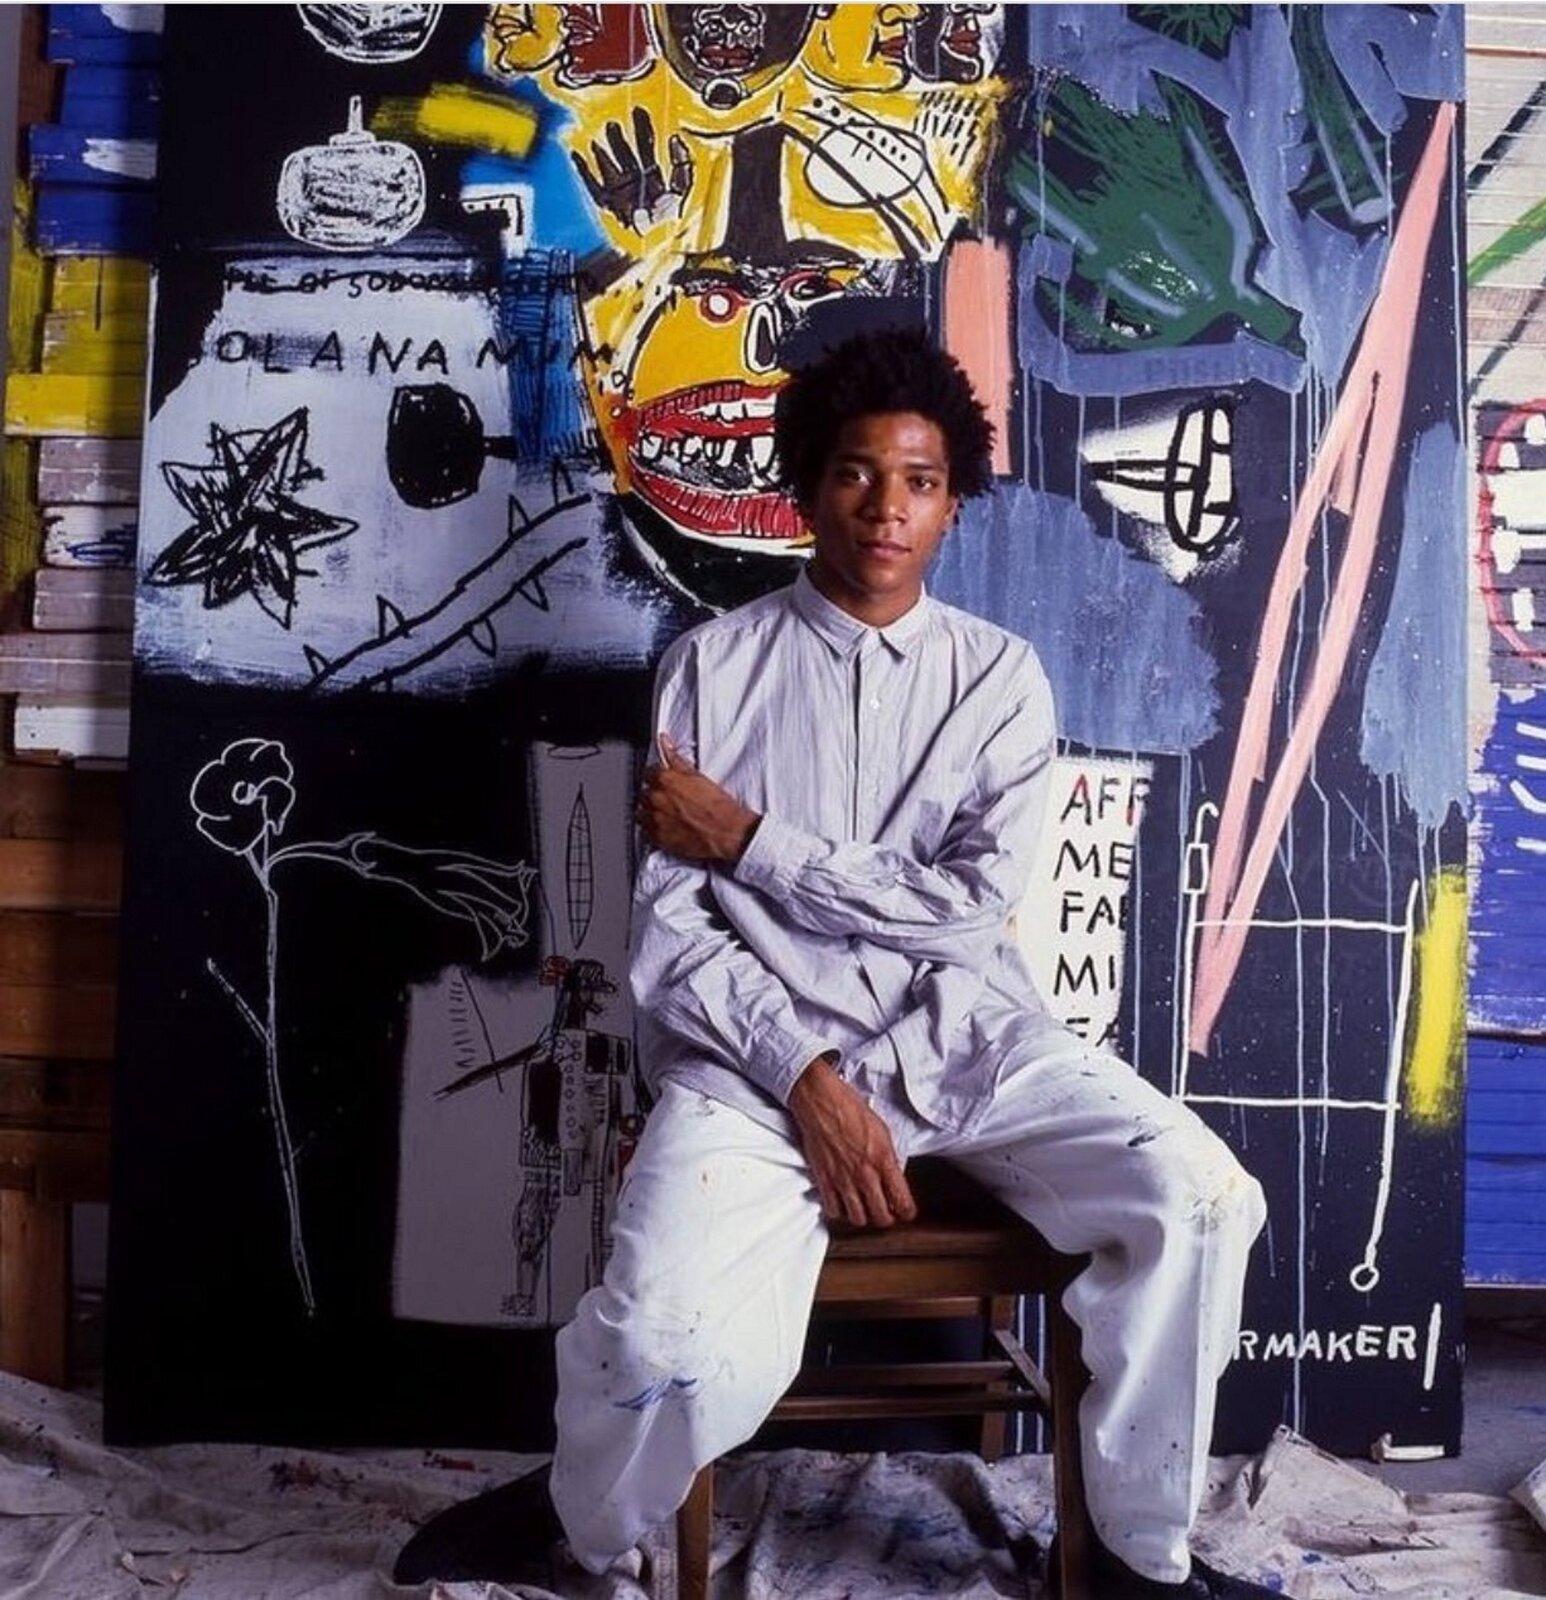 Ilustracja przedstawia zdjęcie Jeana Michela Basquiata na tle jego prac. Czarnoskóry mężczyzna ma czarne, kręcone włosy iubrany jest wbiałą koszulę ispodnie. Siedzi na drewnianym krześle. Lewą rękę trzyma na prawym przedramieniu,. Prace wtle są bardzo ekspresyjne, malowane intensywnymi barwami iprzypominają dziecięce rysunki.